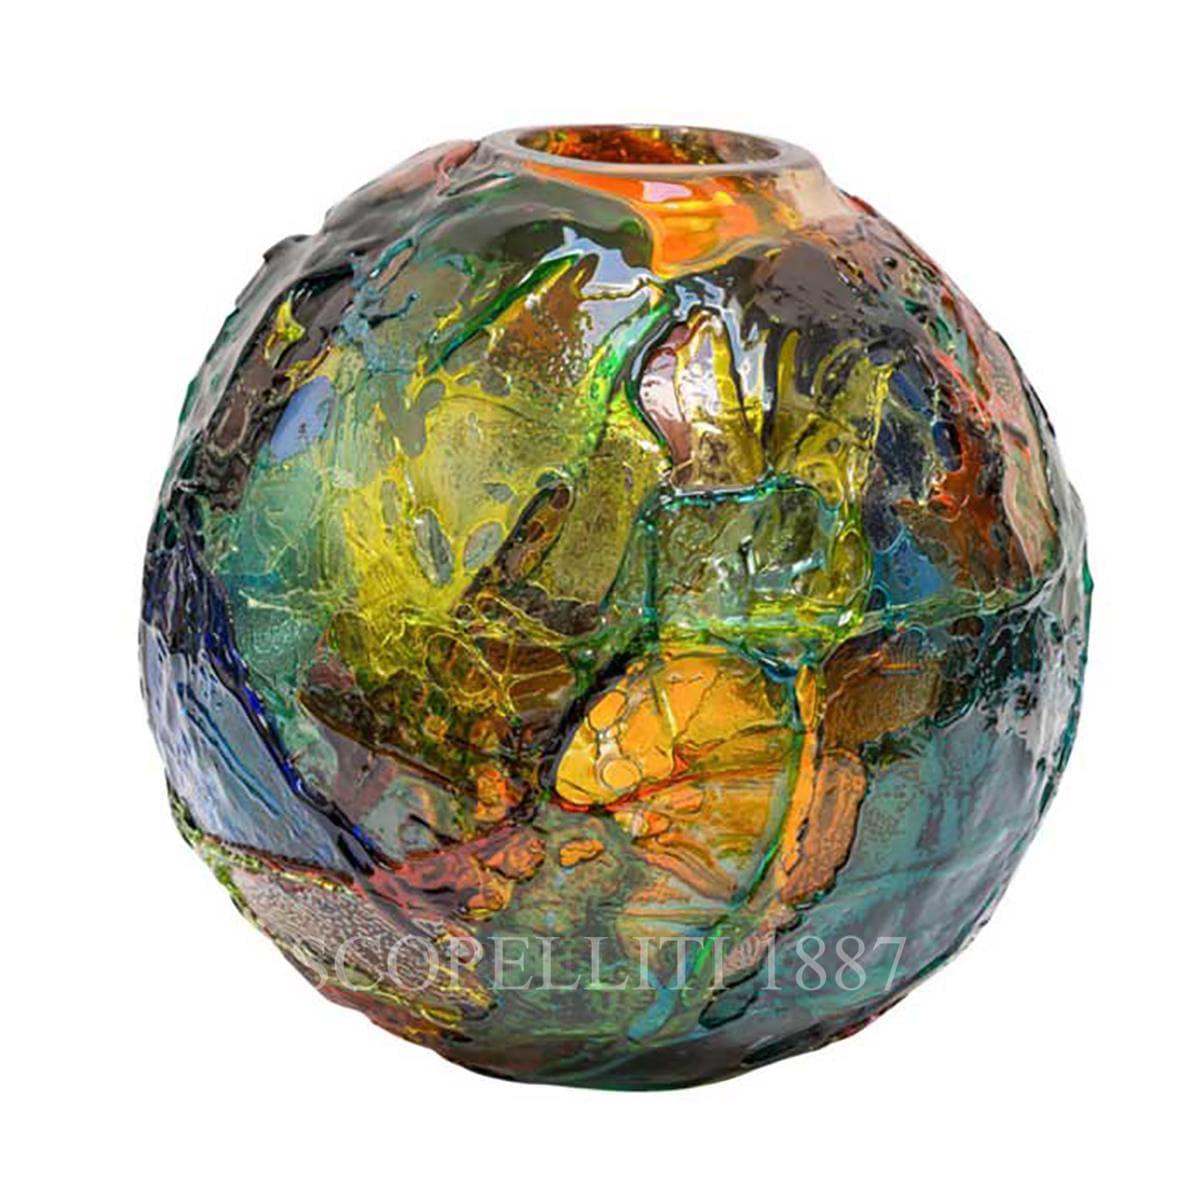 Venini murano vaso geacolor di gae aulenti scopelliti 1887 for Serigrafia bicchieri